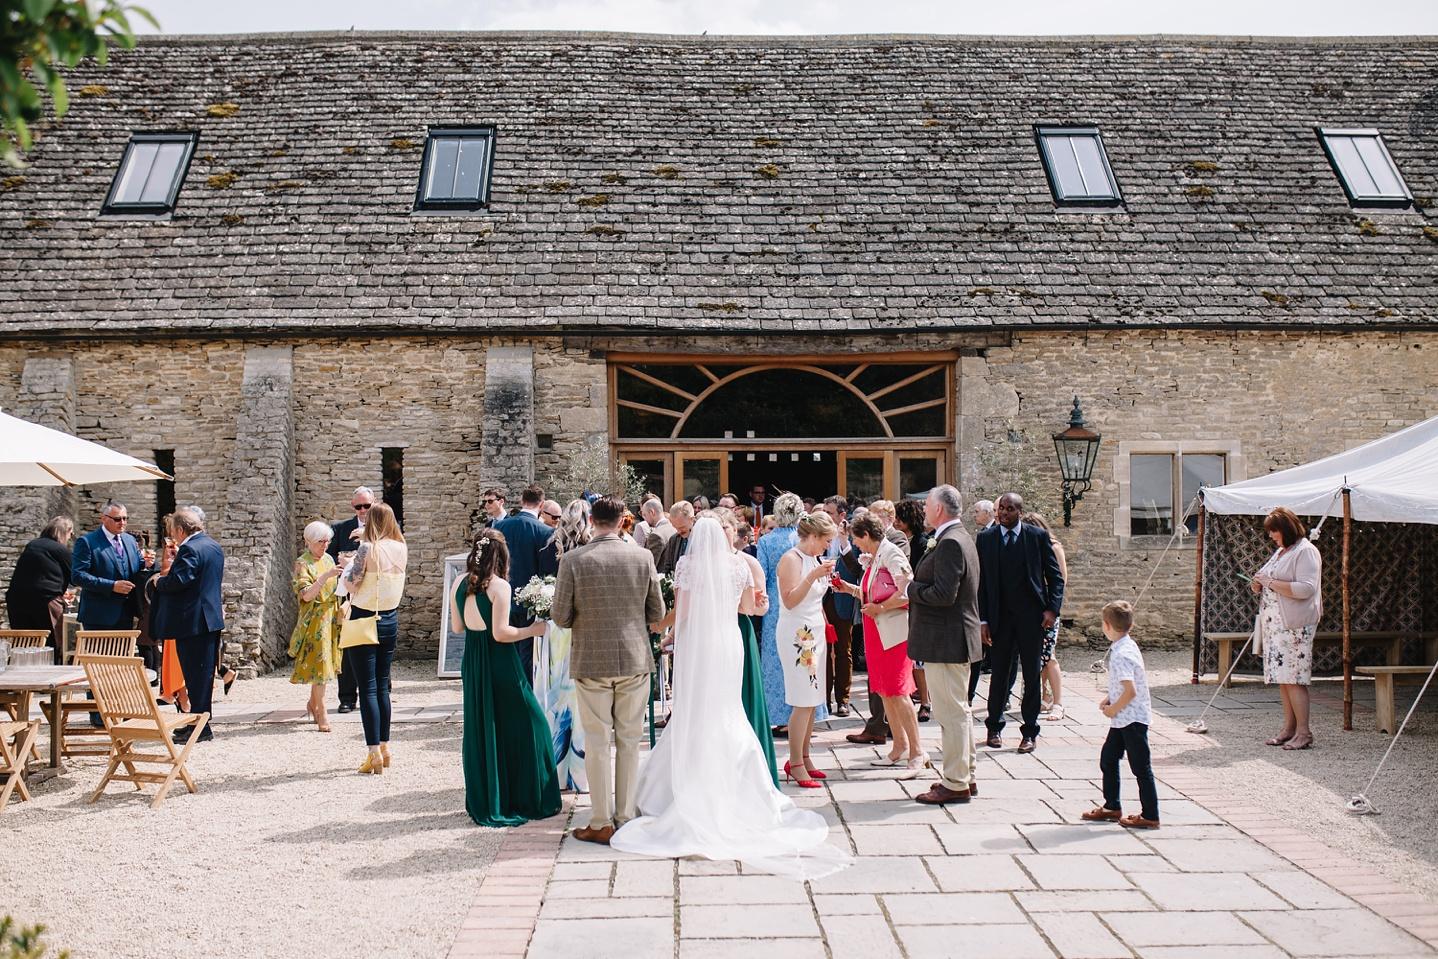 Oxleaze-Barn-Wedding-Photographer_0098.jpg